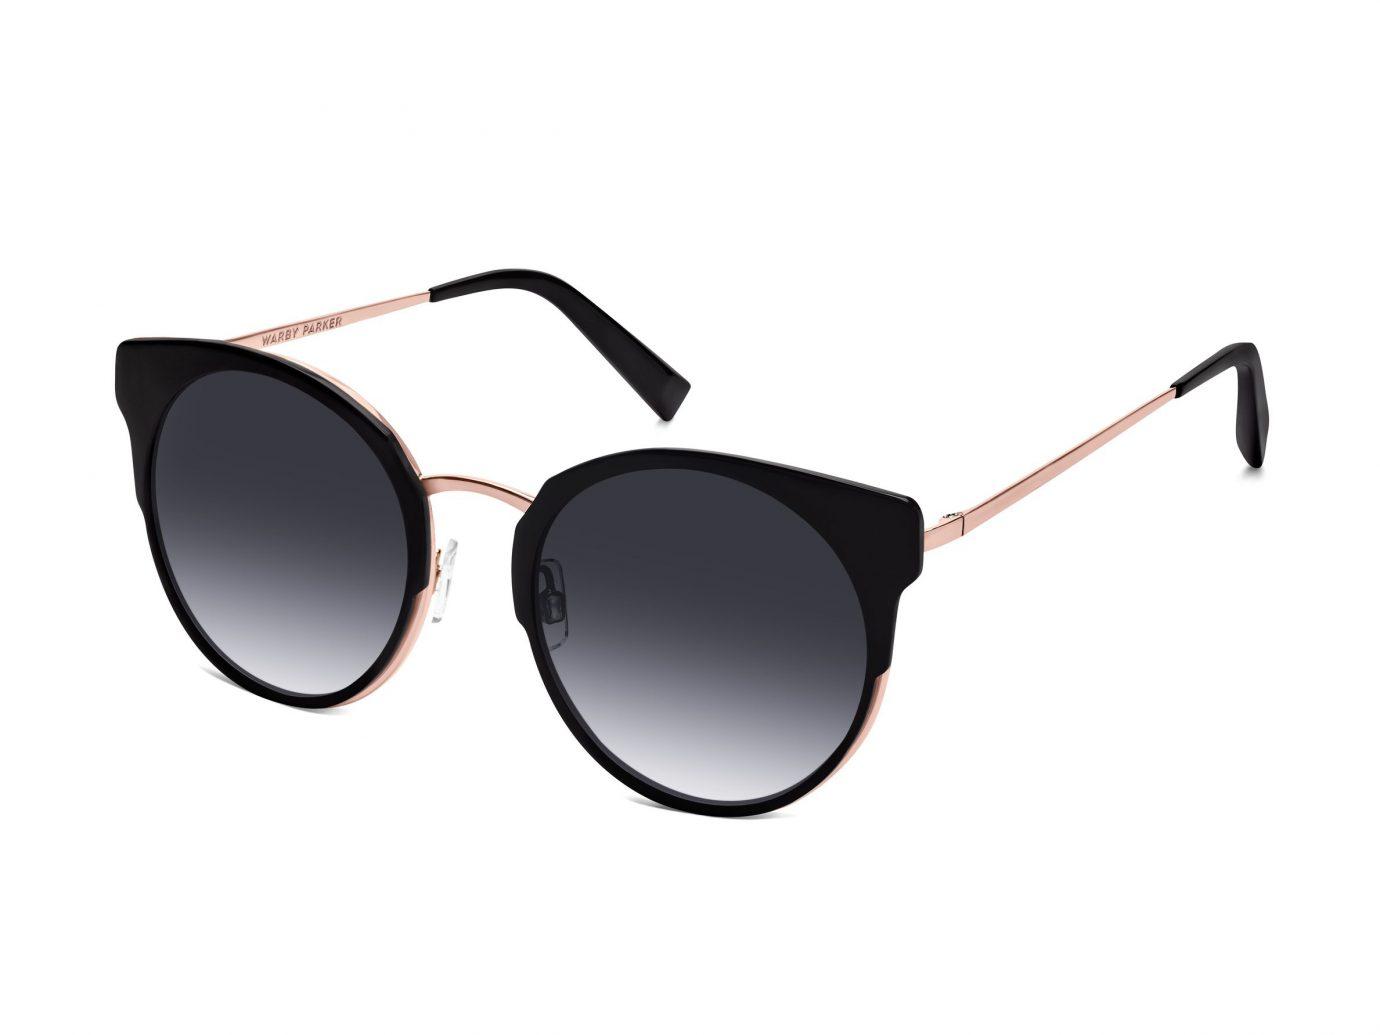 Warby Parker Winnie Sunglasses